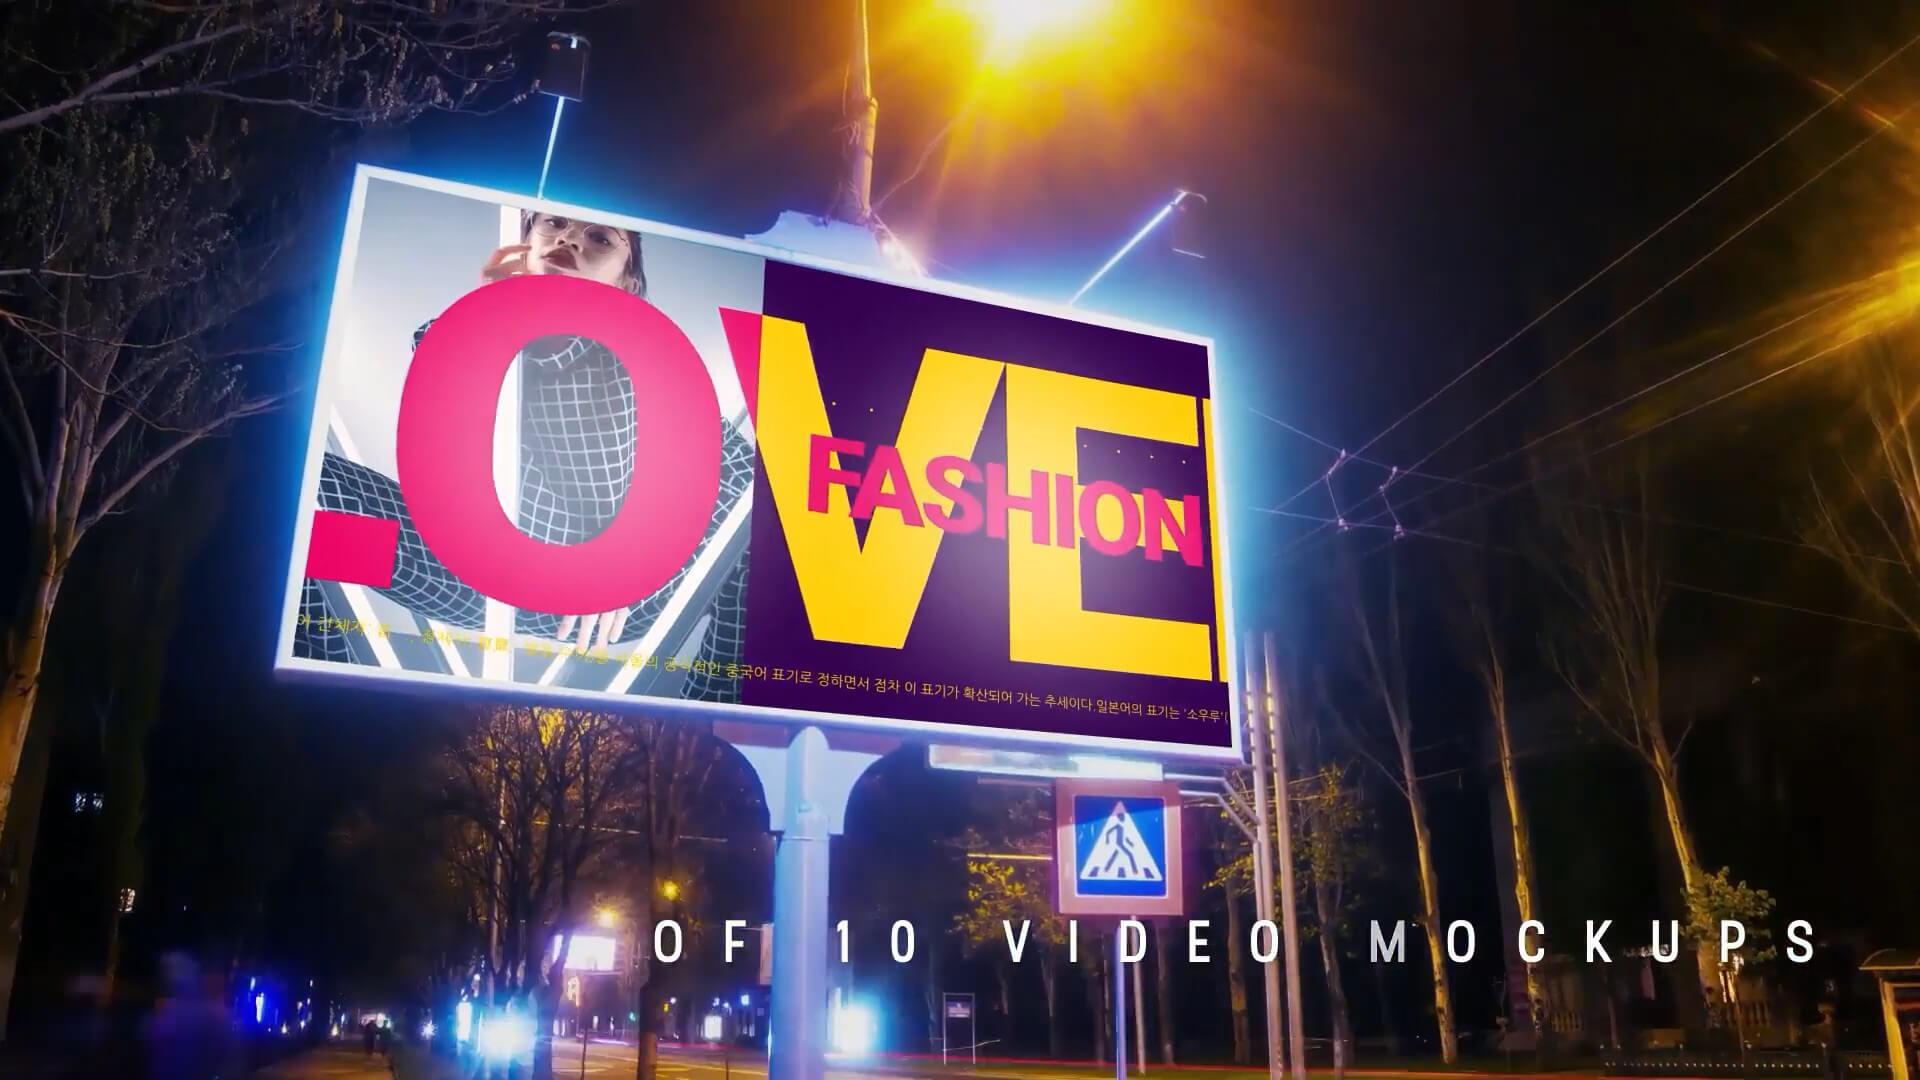 fcpx插件 10组夜晚广告牌场景图文展示宣传片头模板 Night Billboard Mockup